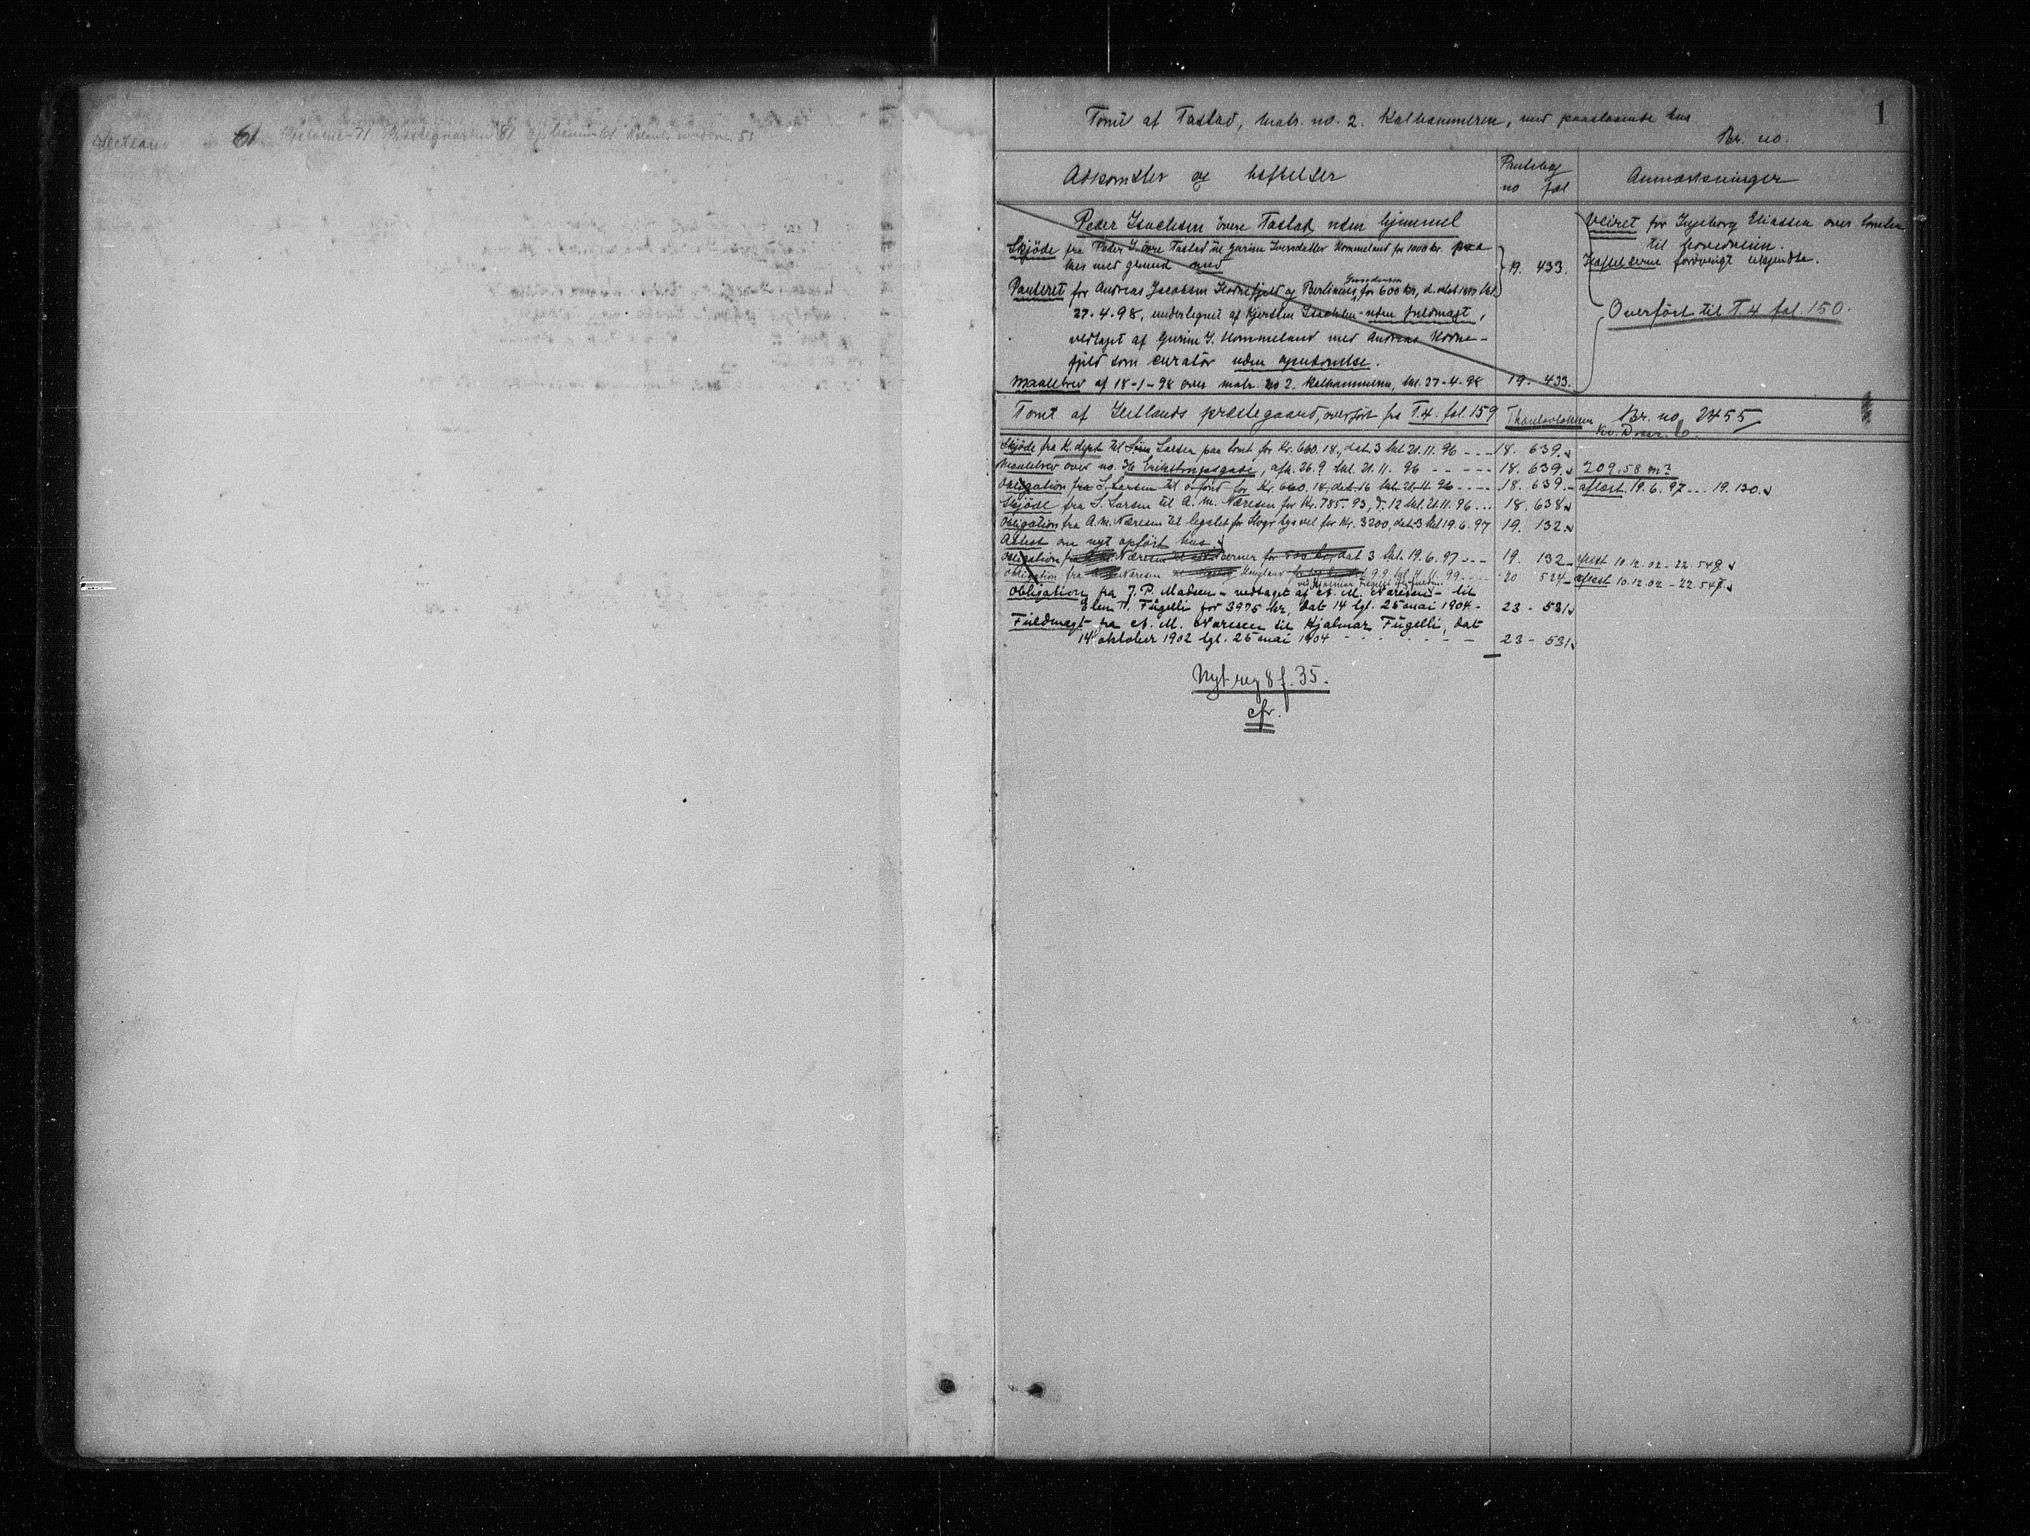 SAST, Stavanger byfogd, 4/41/410/410AC/L0011: Panteregister nr. AC 11, 1898, s. 1